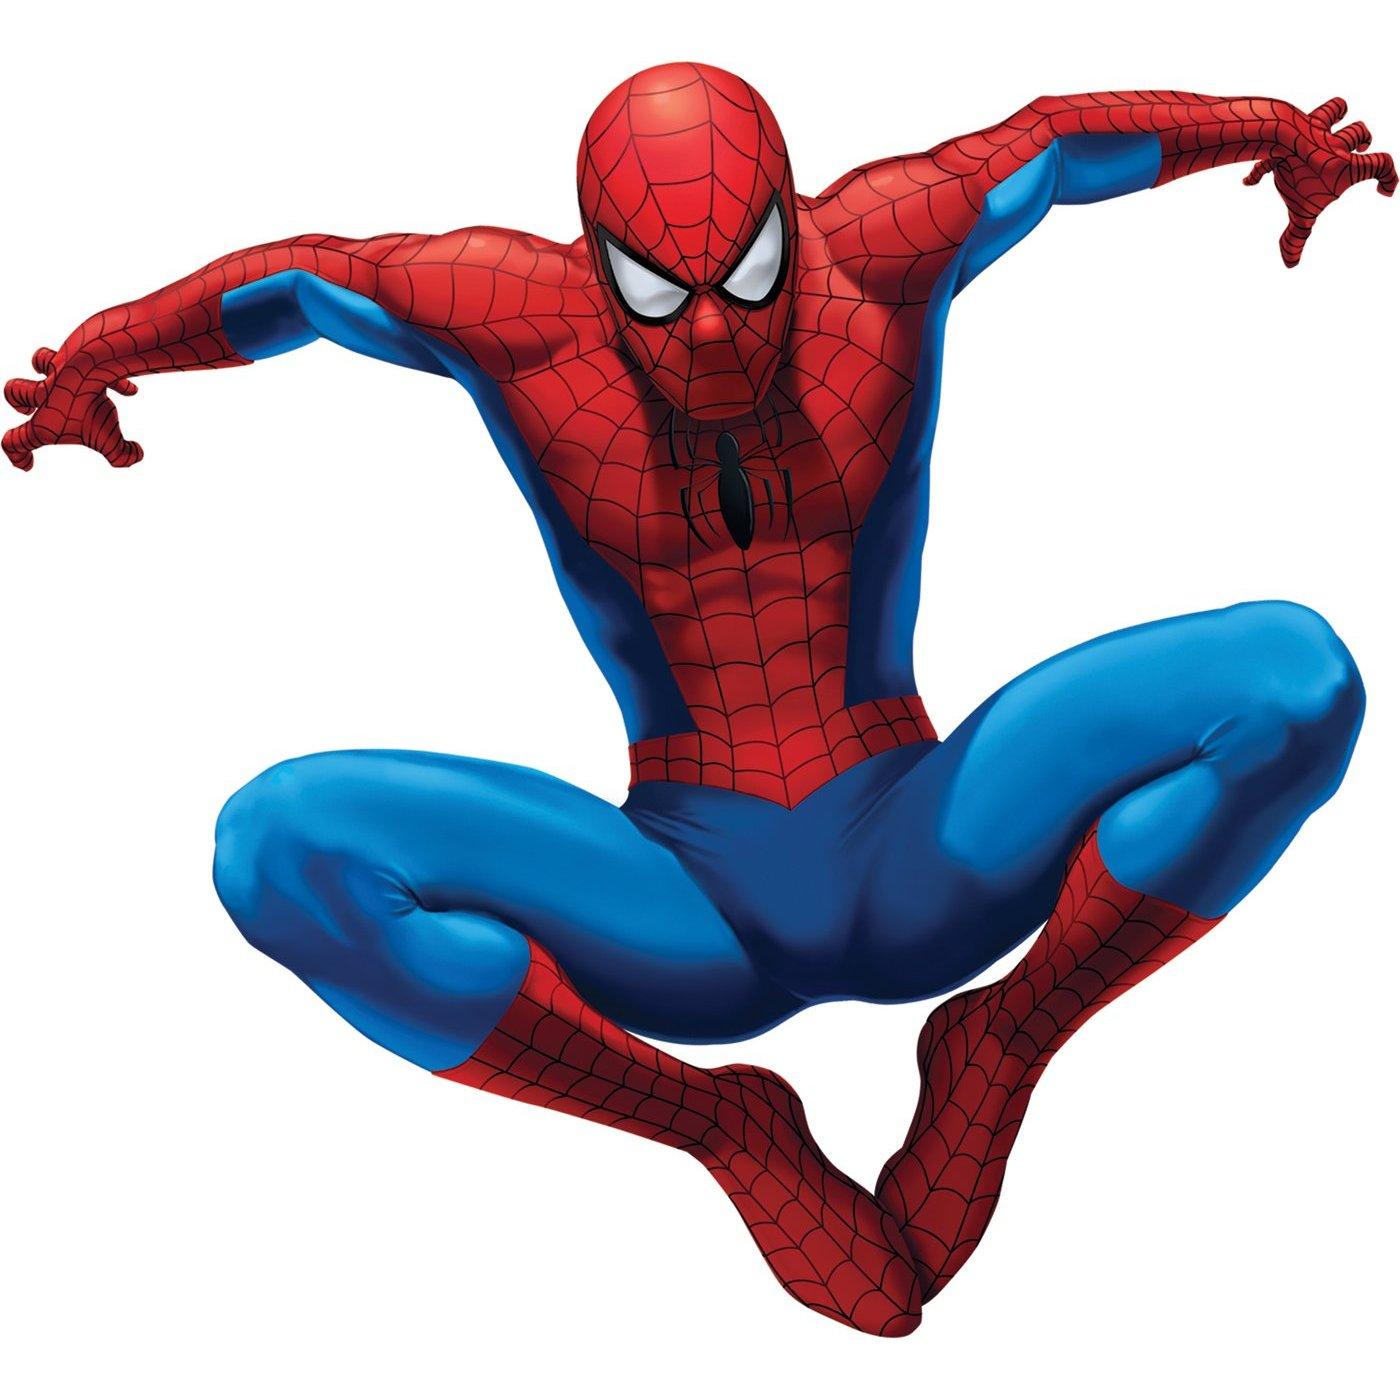 Spider man spidrman